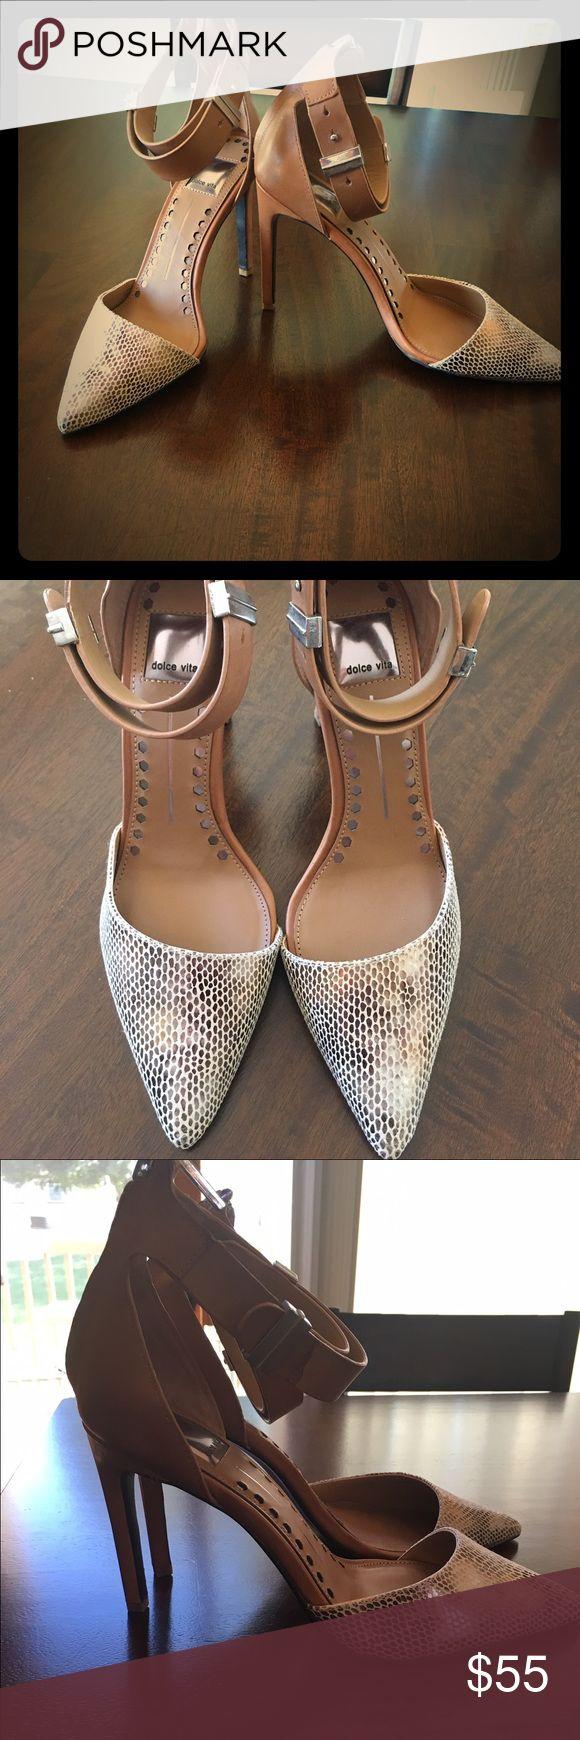 Stilettos Dolce Vita Stilettos never worn ,brand new , size 8.5 Dolce Vita  Shoes Heels